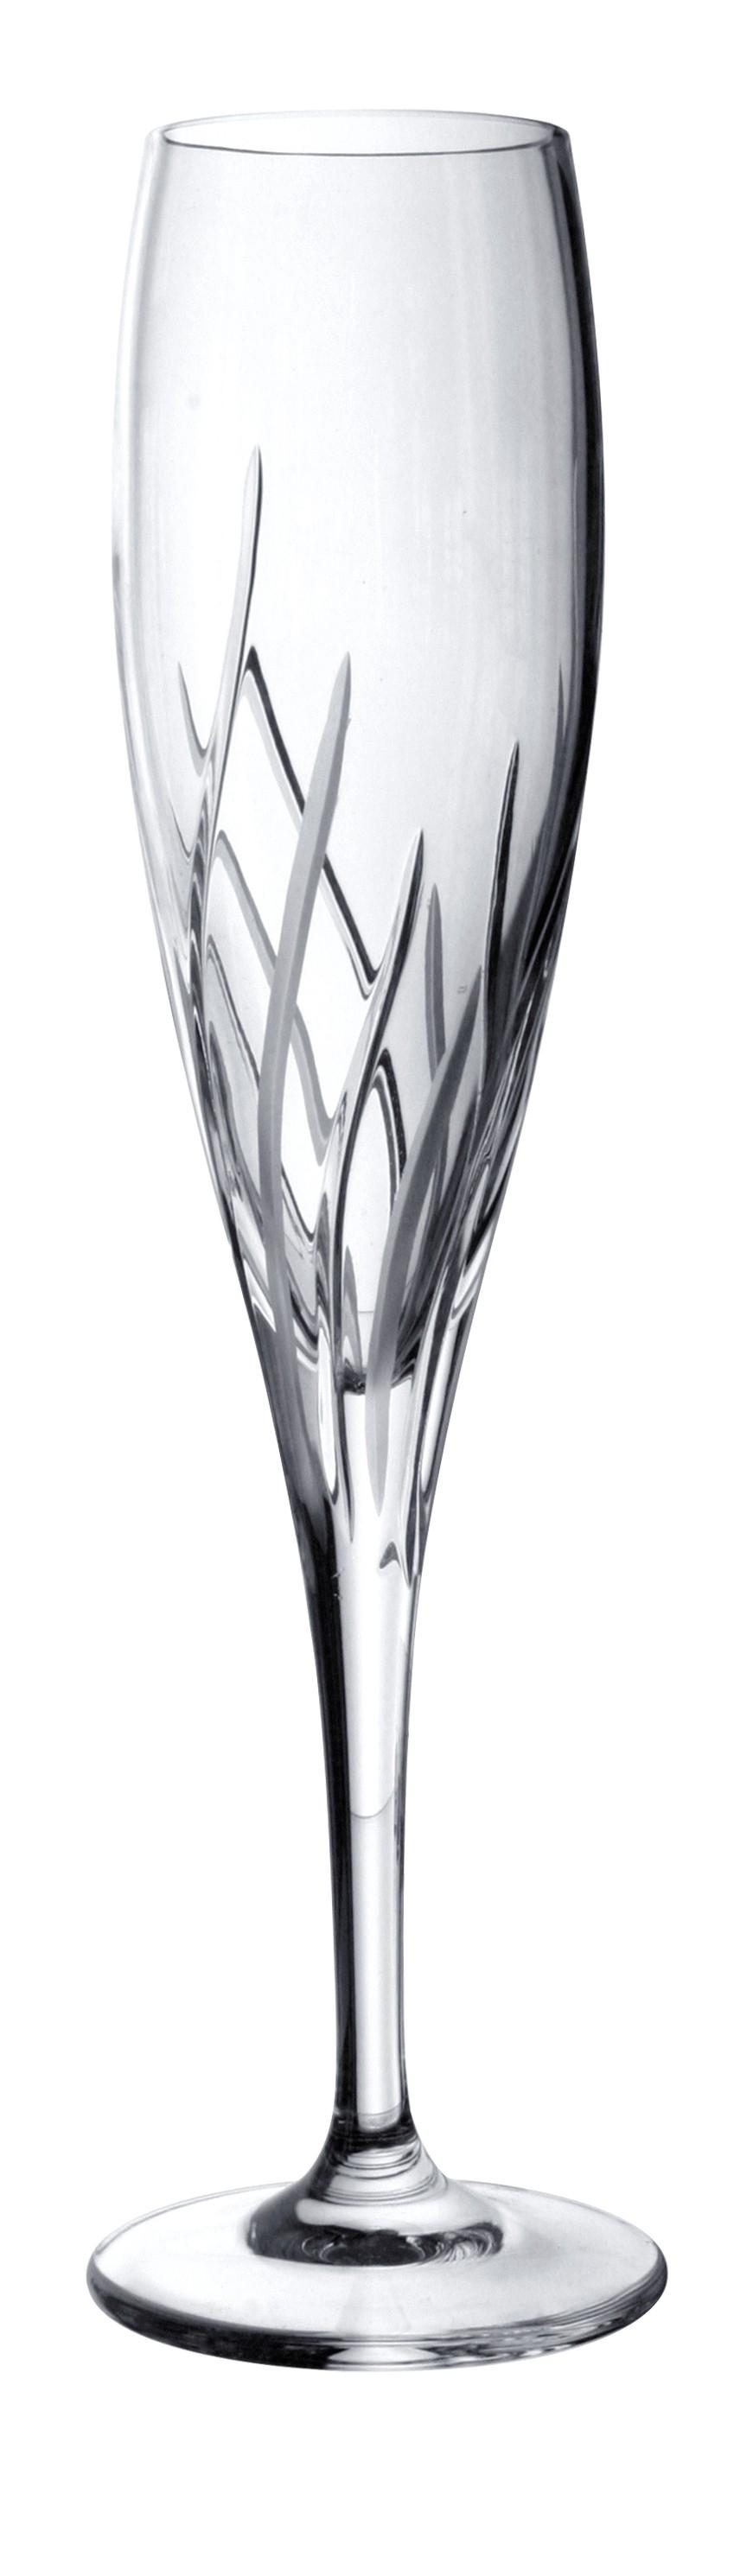 Ποτήρι Σαμπάνιας Σετ 6Τμχ Κρυστάλλινο Bohemia Alise 220ml home   ειδη σερβιρισματος   ποτήρια